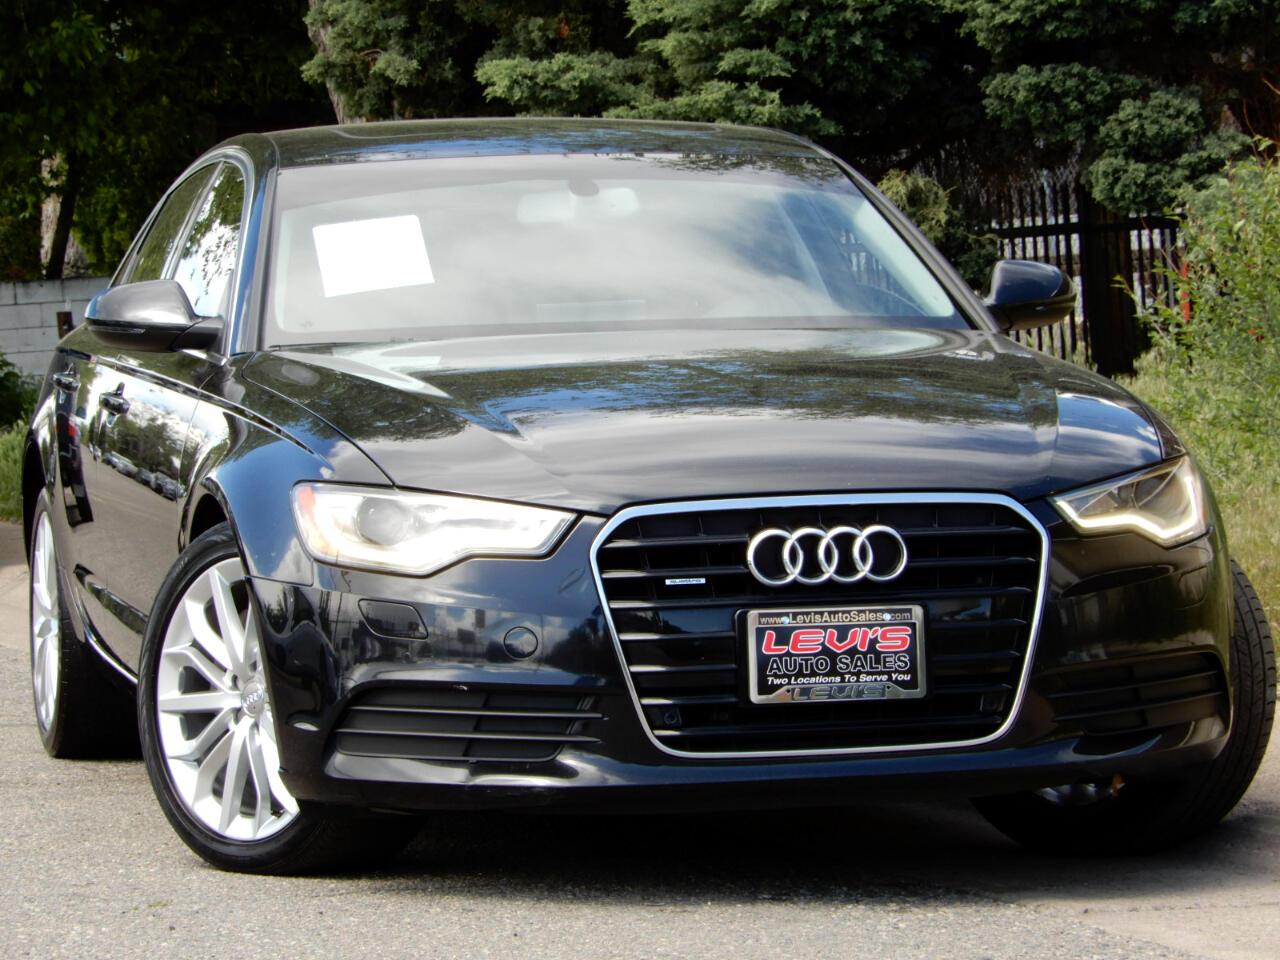 2014 Audi A6 2.0T Premium Plus Qauttro